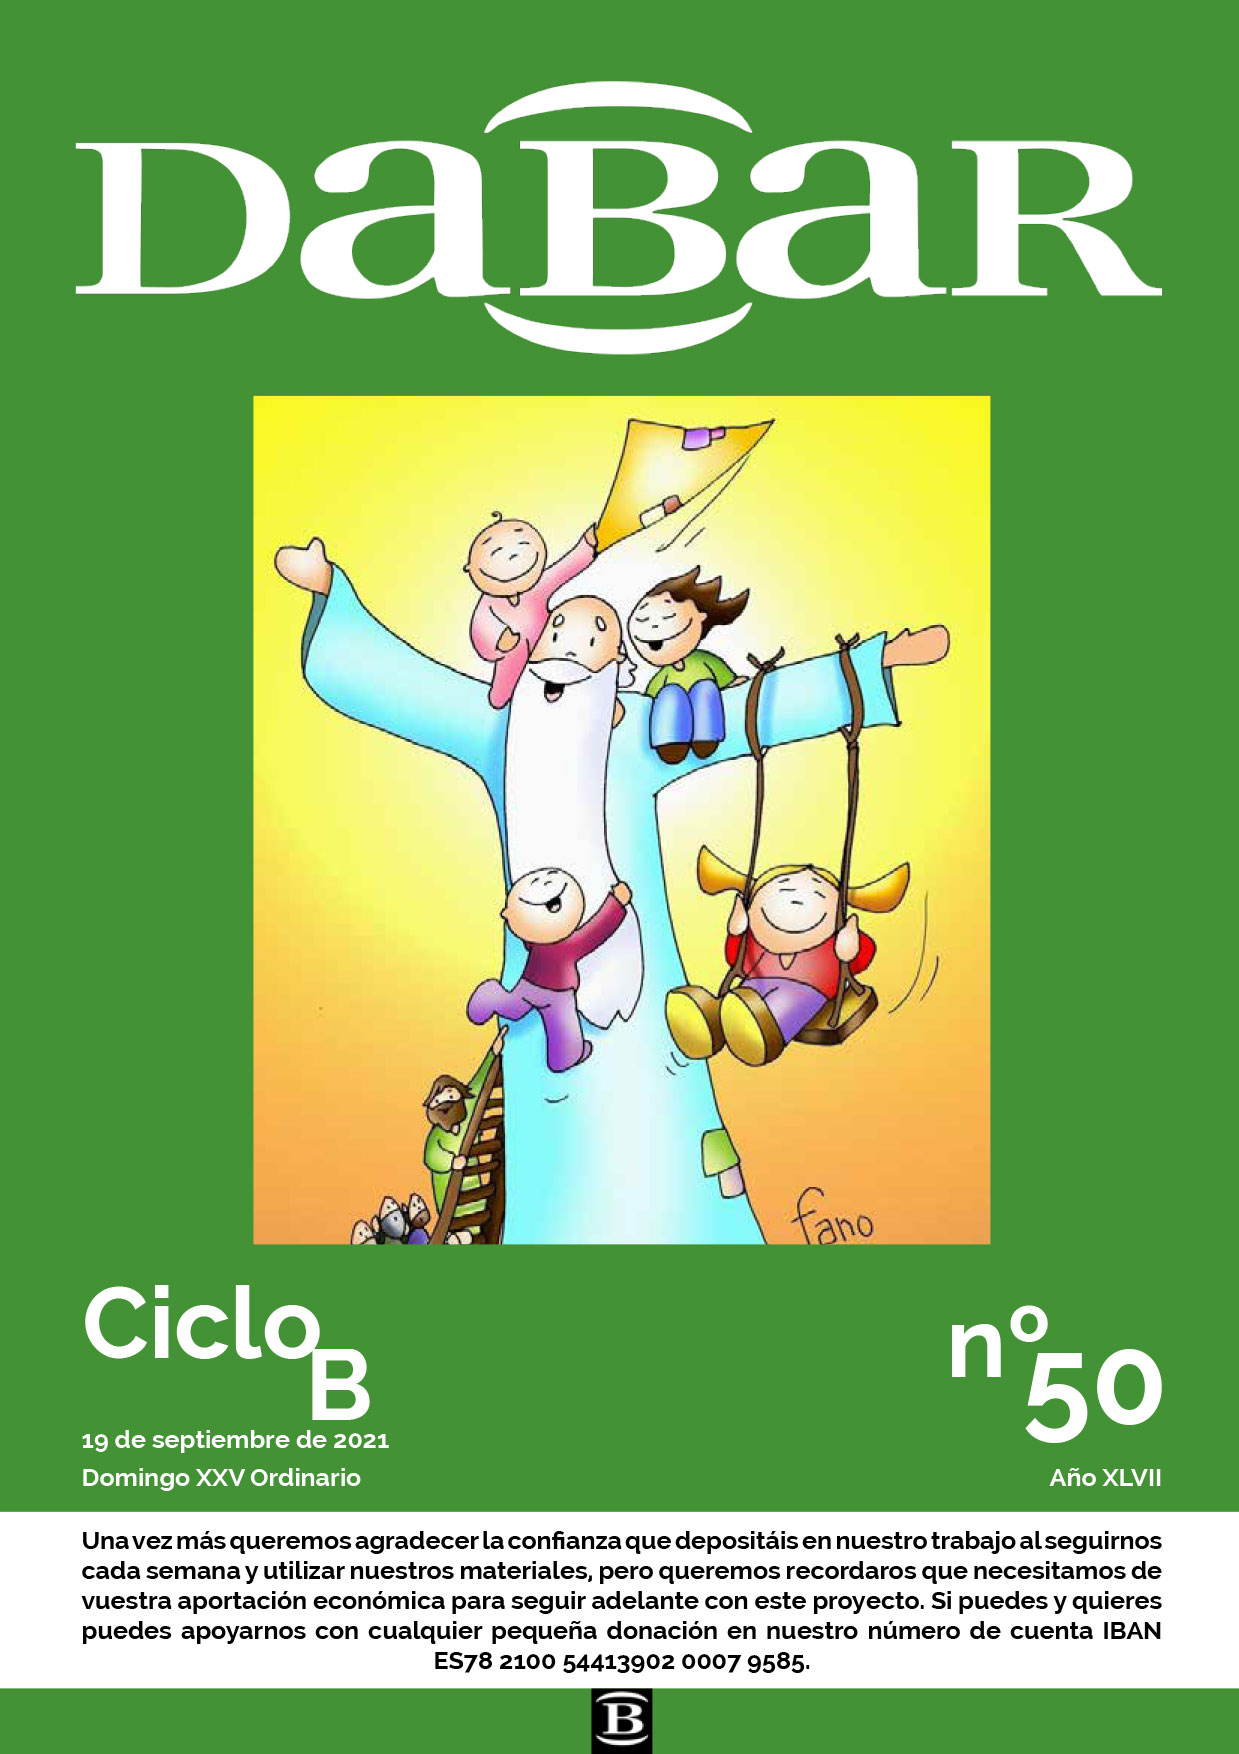 Dabar Revista numero 50 ciclo B